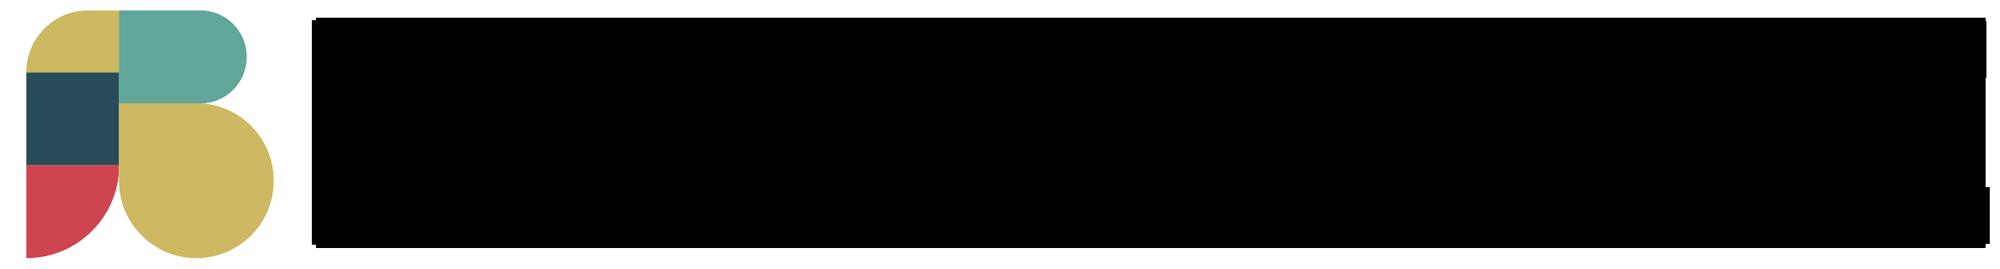 Brian DeSimone Logo